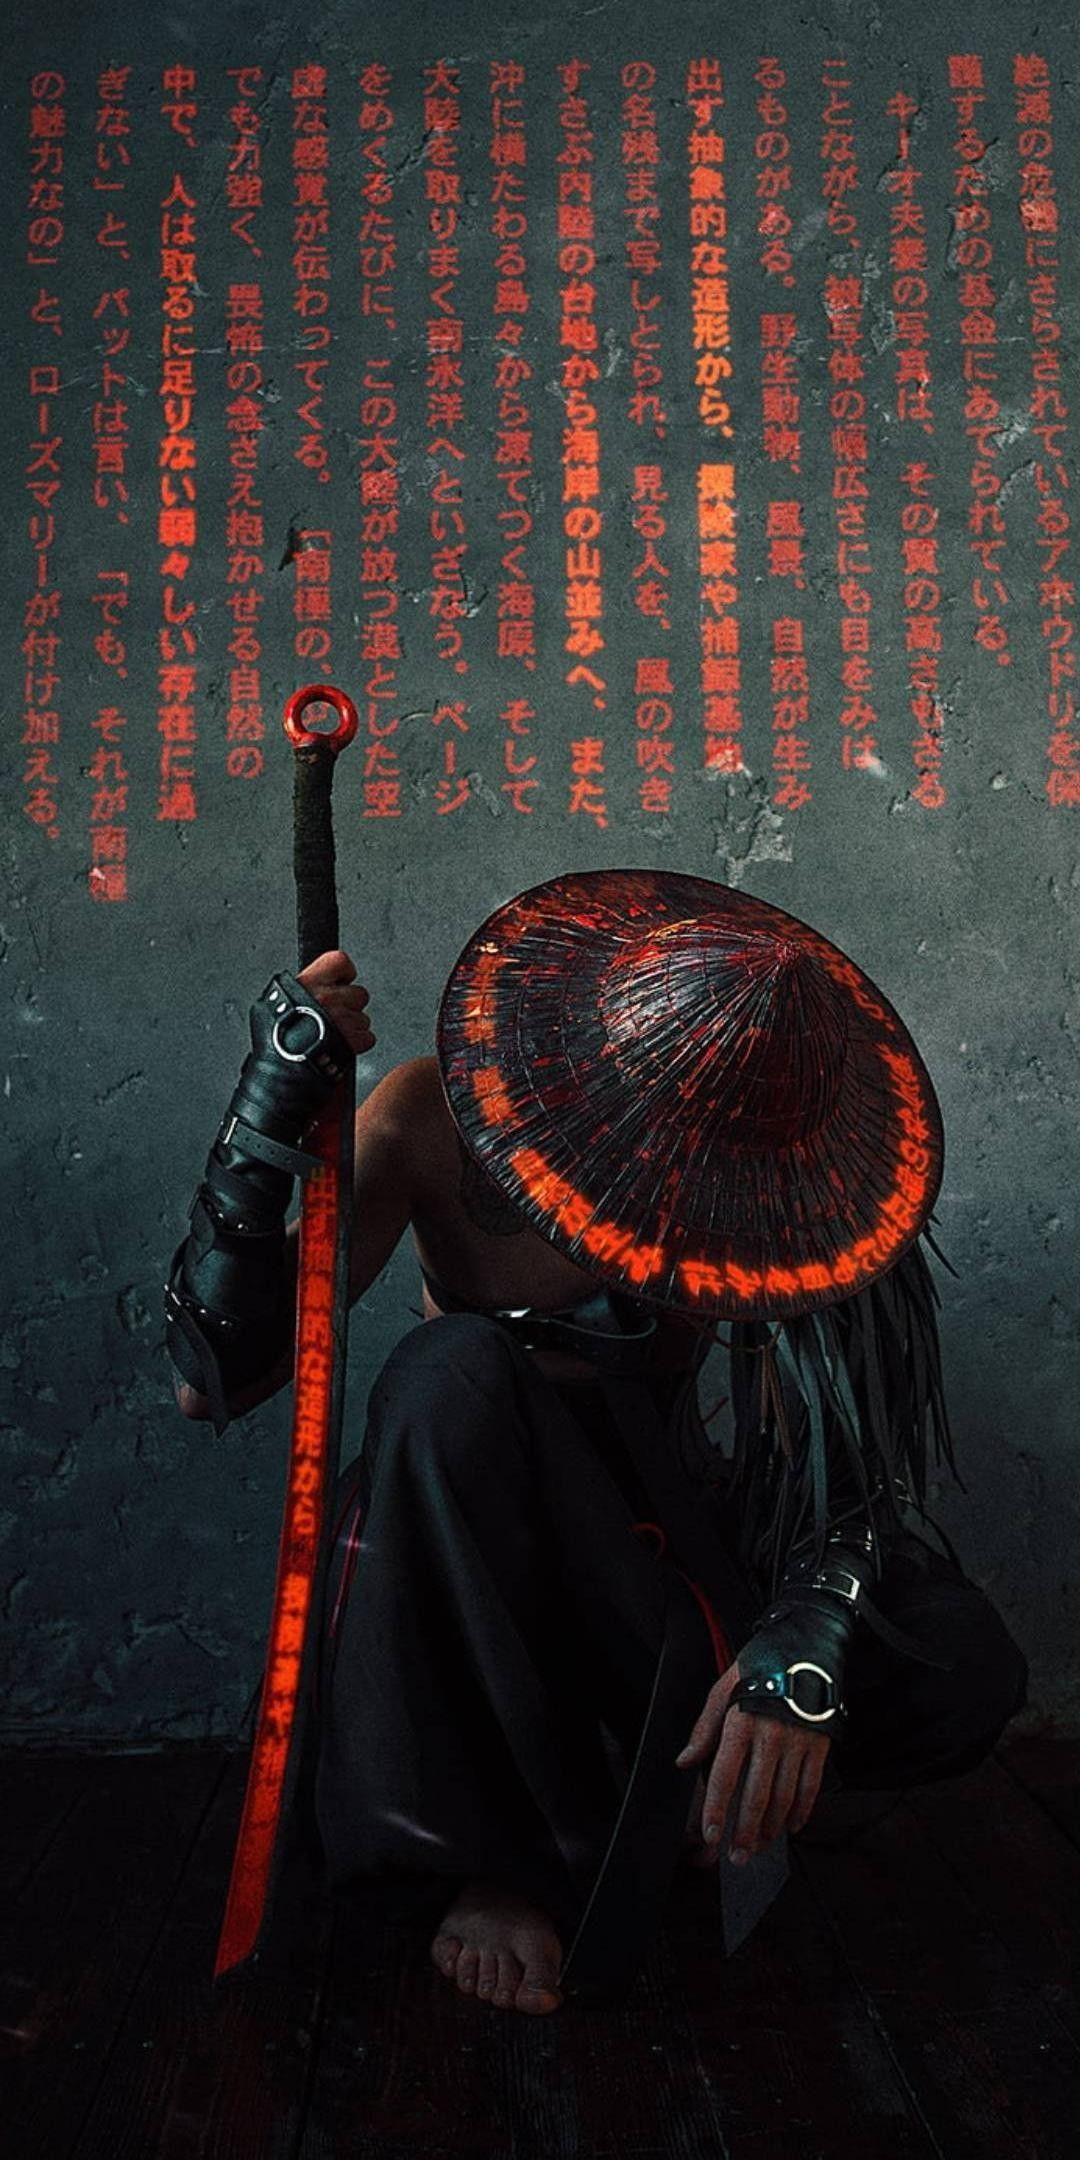 Mobile Wallpapers In 2021 Samurai Wallpaper Warriors Wallpaper Samurai Artwork